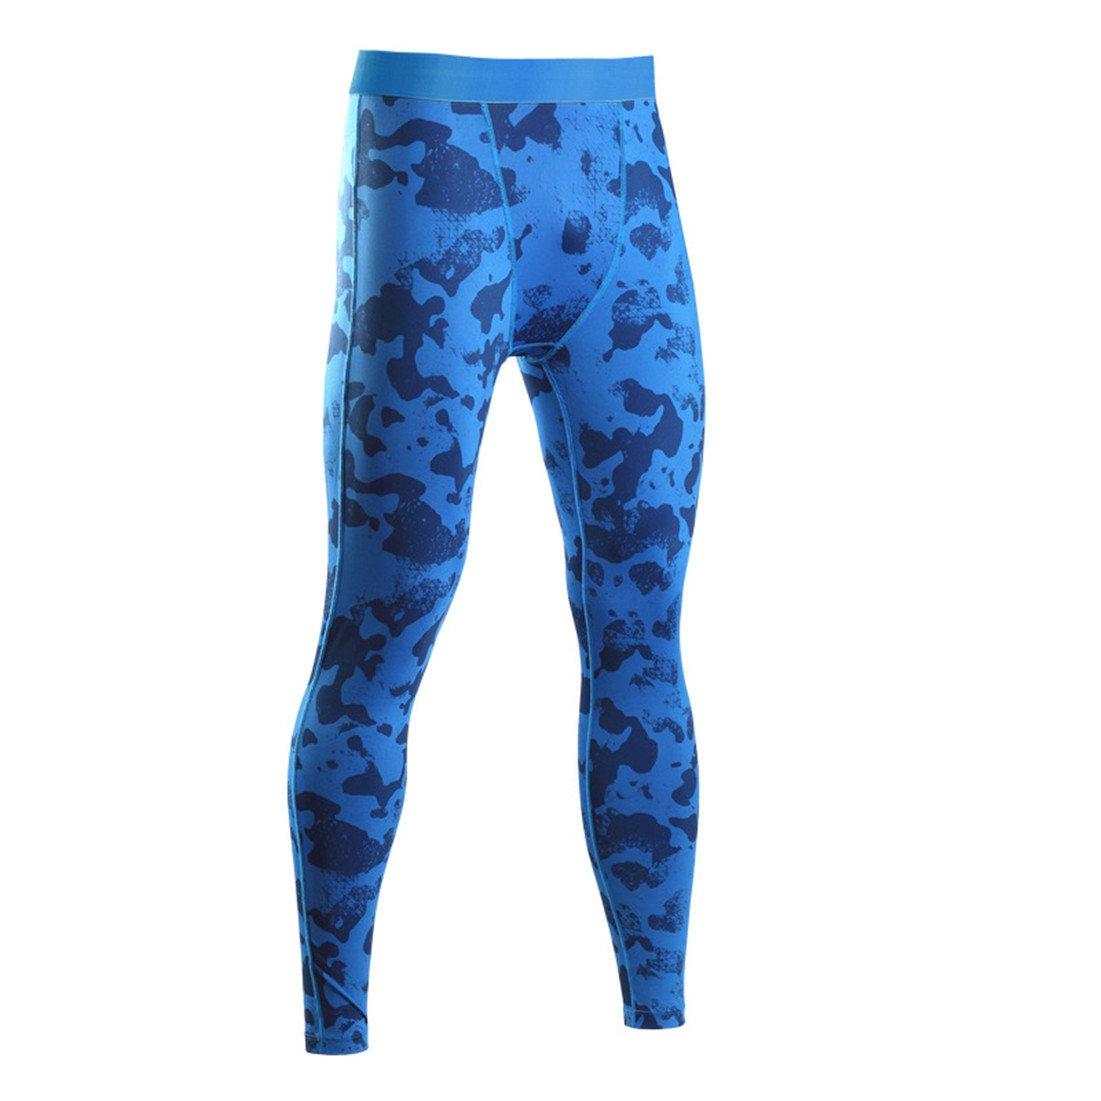 Panta jogging lunghi per uomo con effetto compressivo e funzione Quick Dry HDH